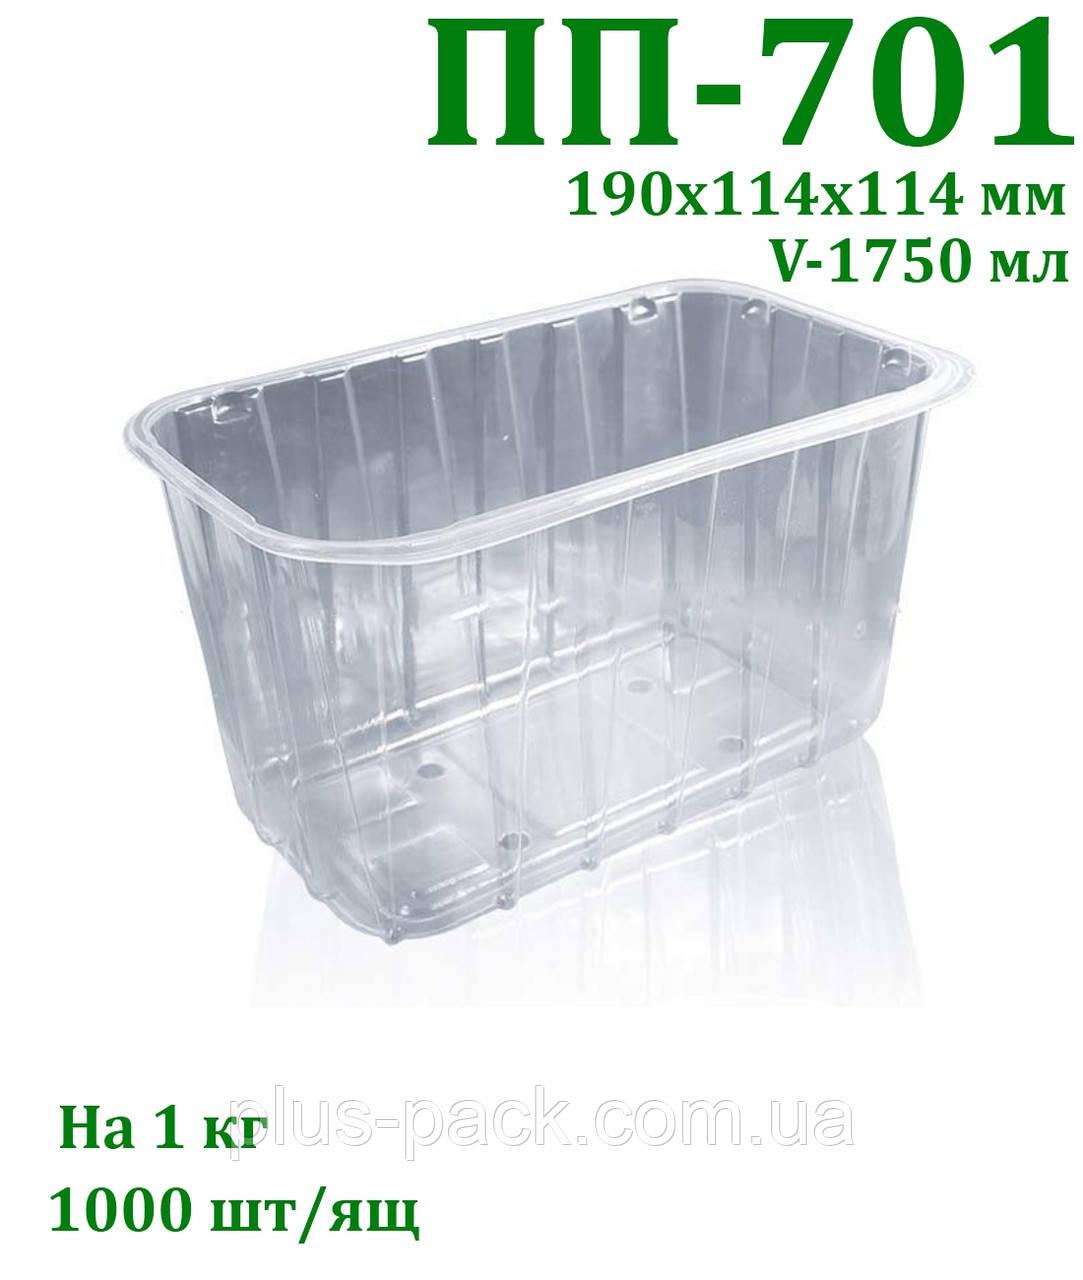 Блістер для упаковки ягід і овочів